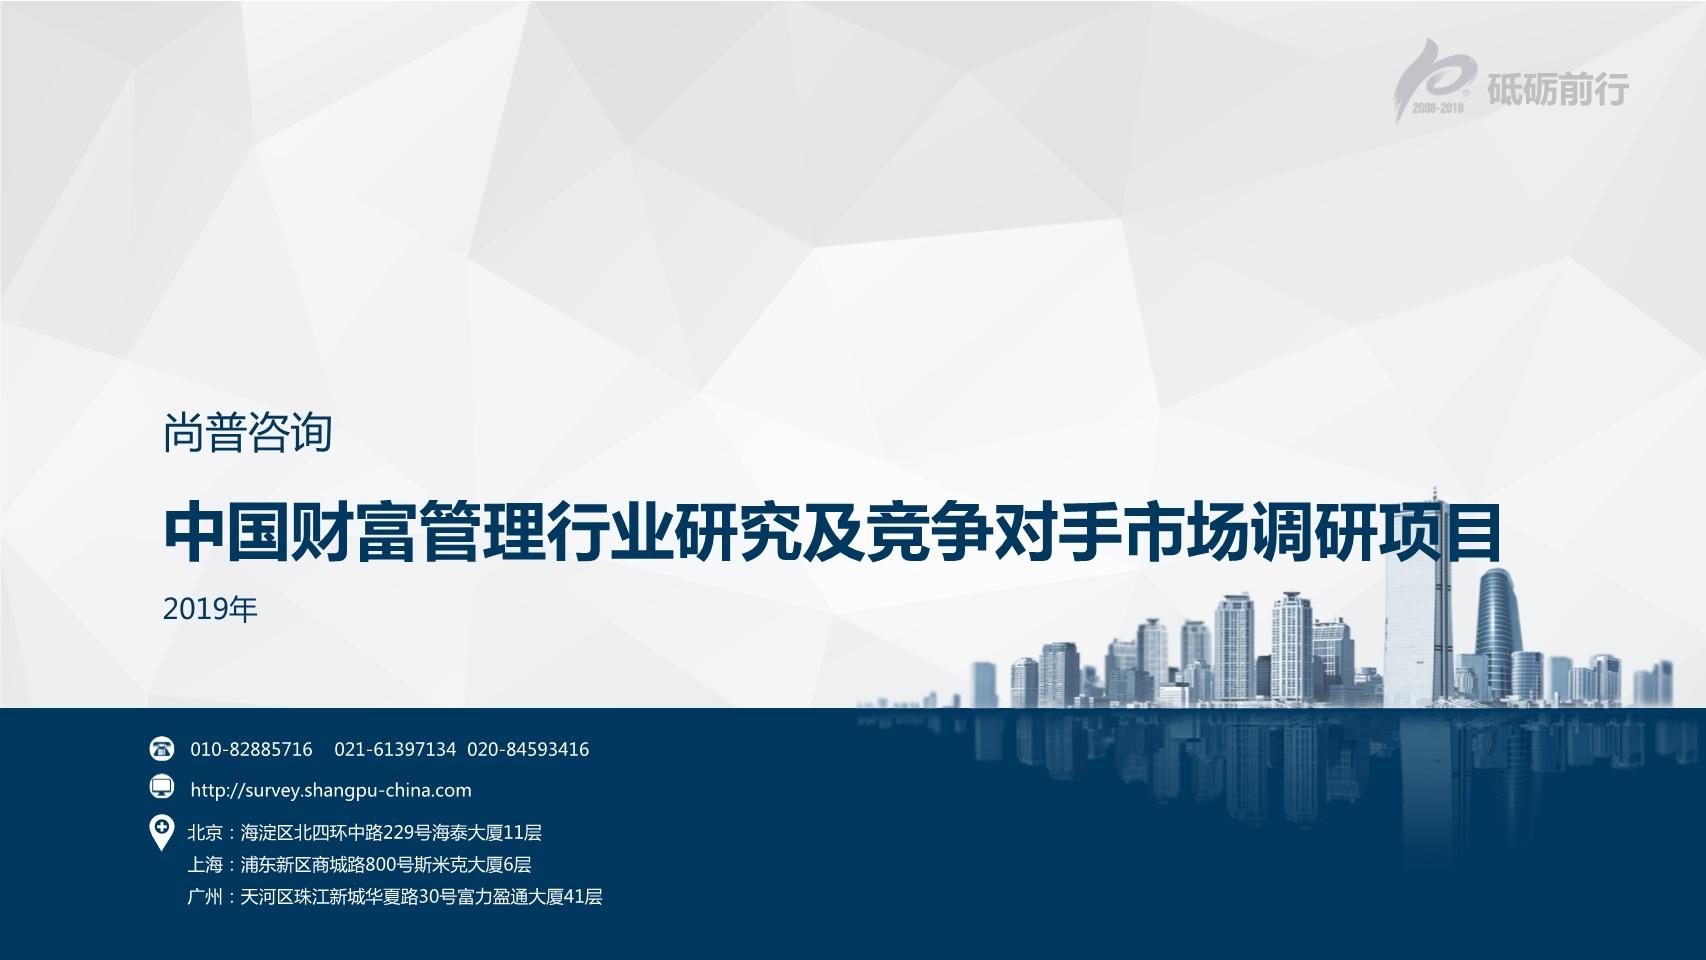 尚普咨询-中国财富管理行业研究及竞争对手市场调研